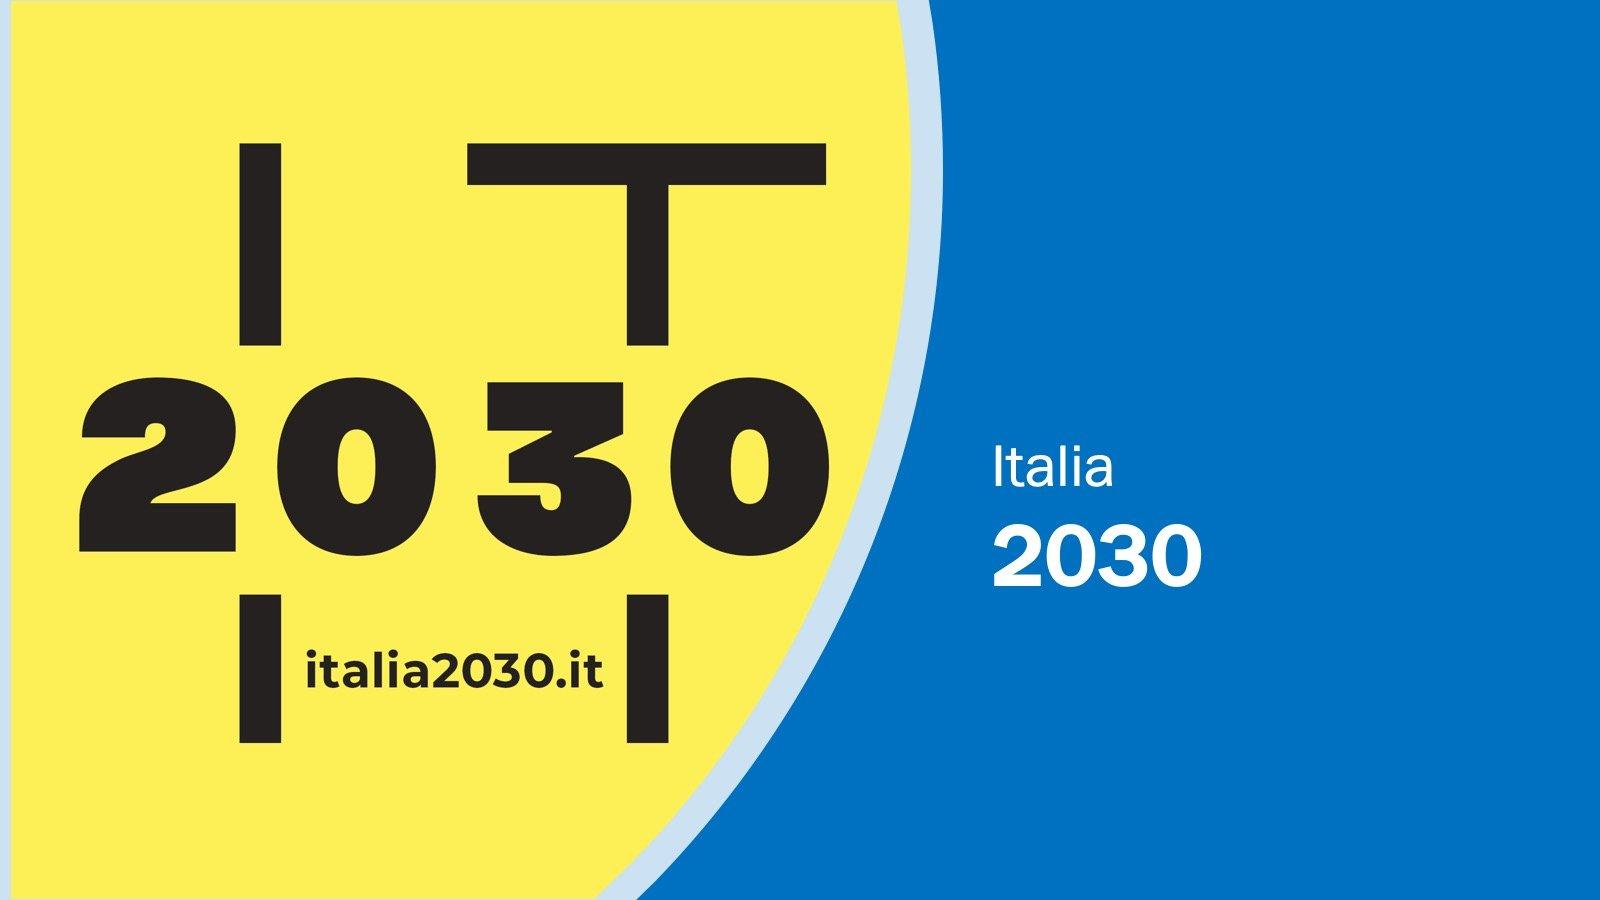 italia2030_logo-hi-def